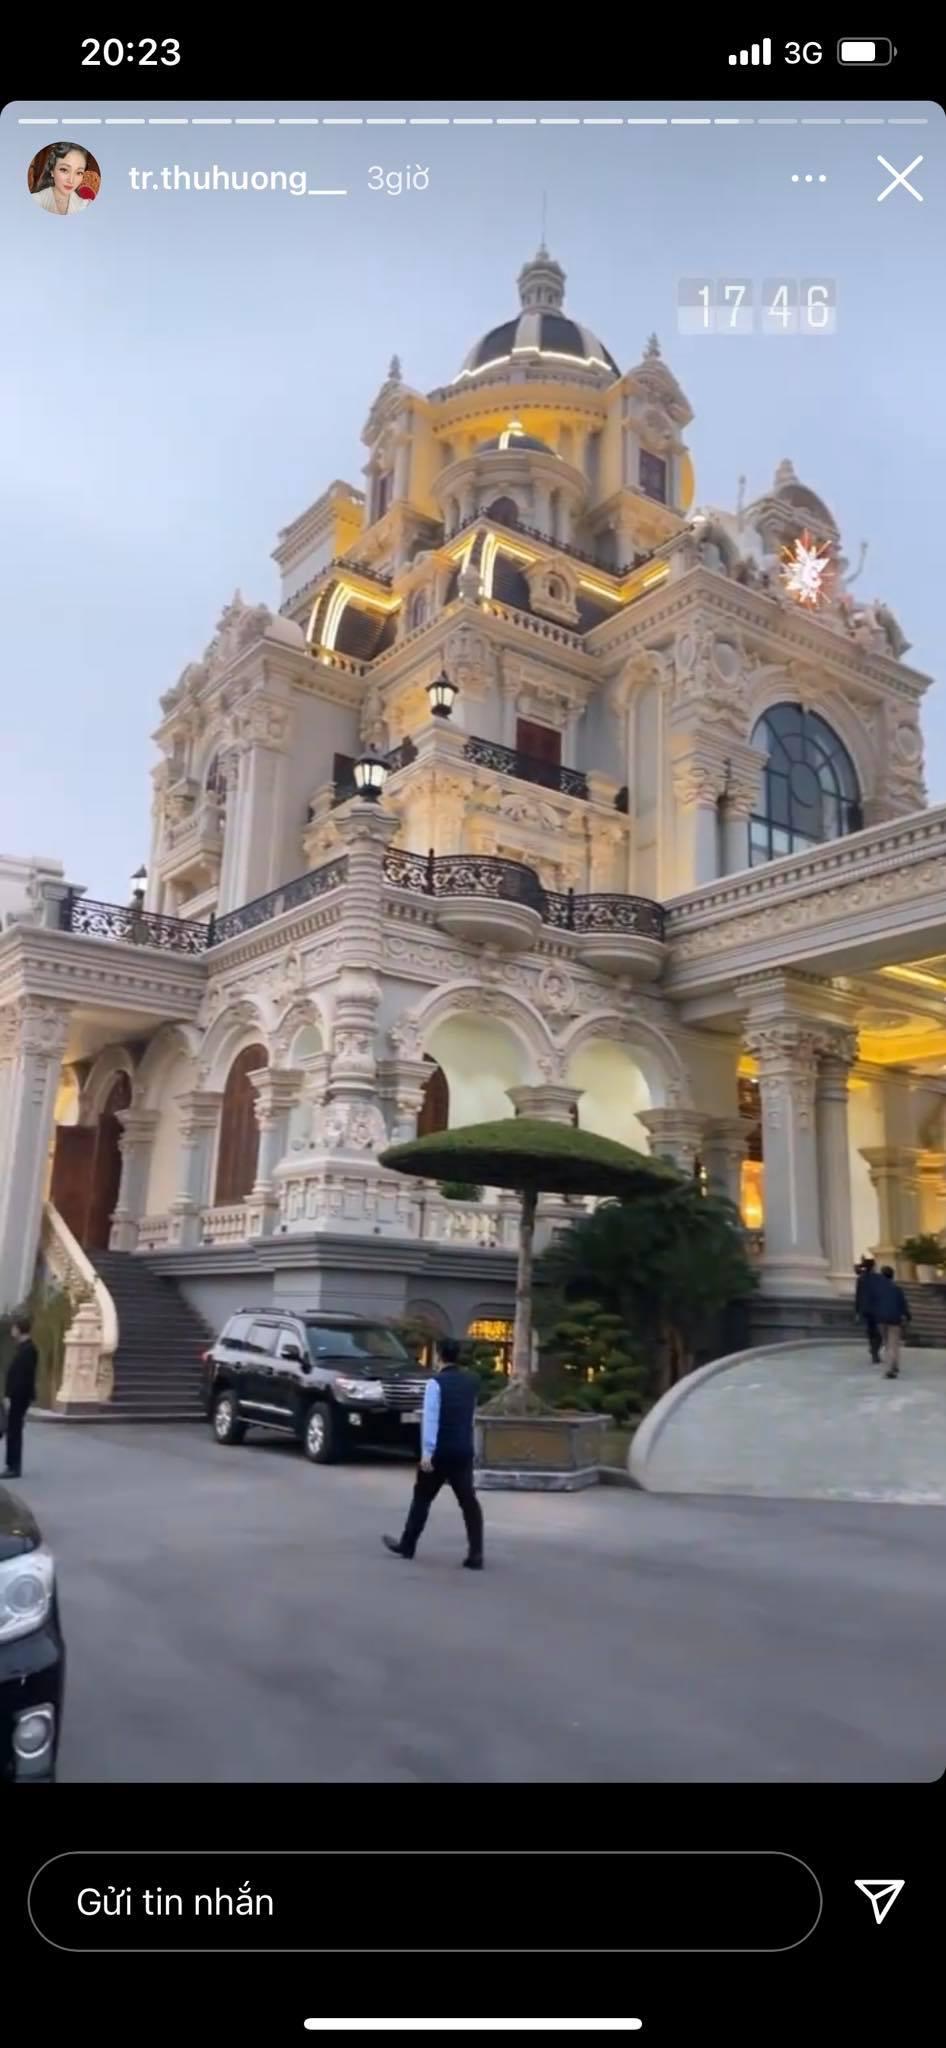 """Cô dâu đeo 200 cây vàng"""" bất ngờ chiếm trọn spotlight trên mạng xã hội khi tổ chức tiệc sinh nhật hoành tráng tại lâu đài xịn bậc nhất Nam Định-3"""